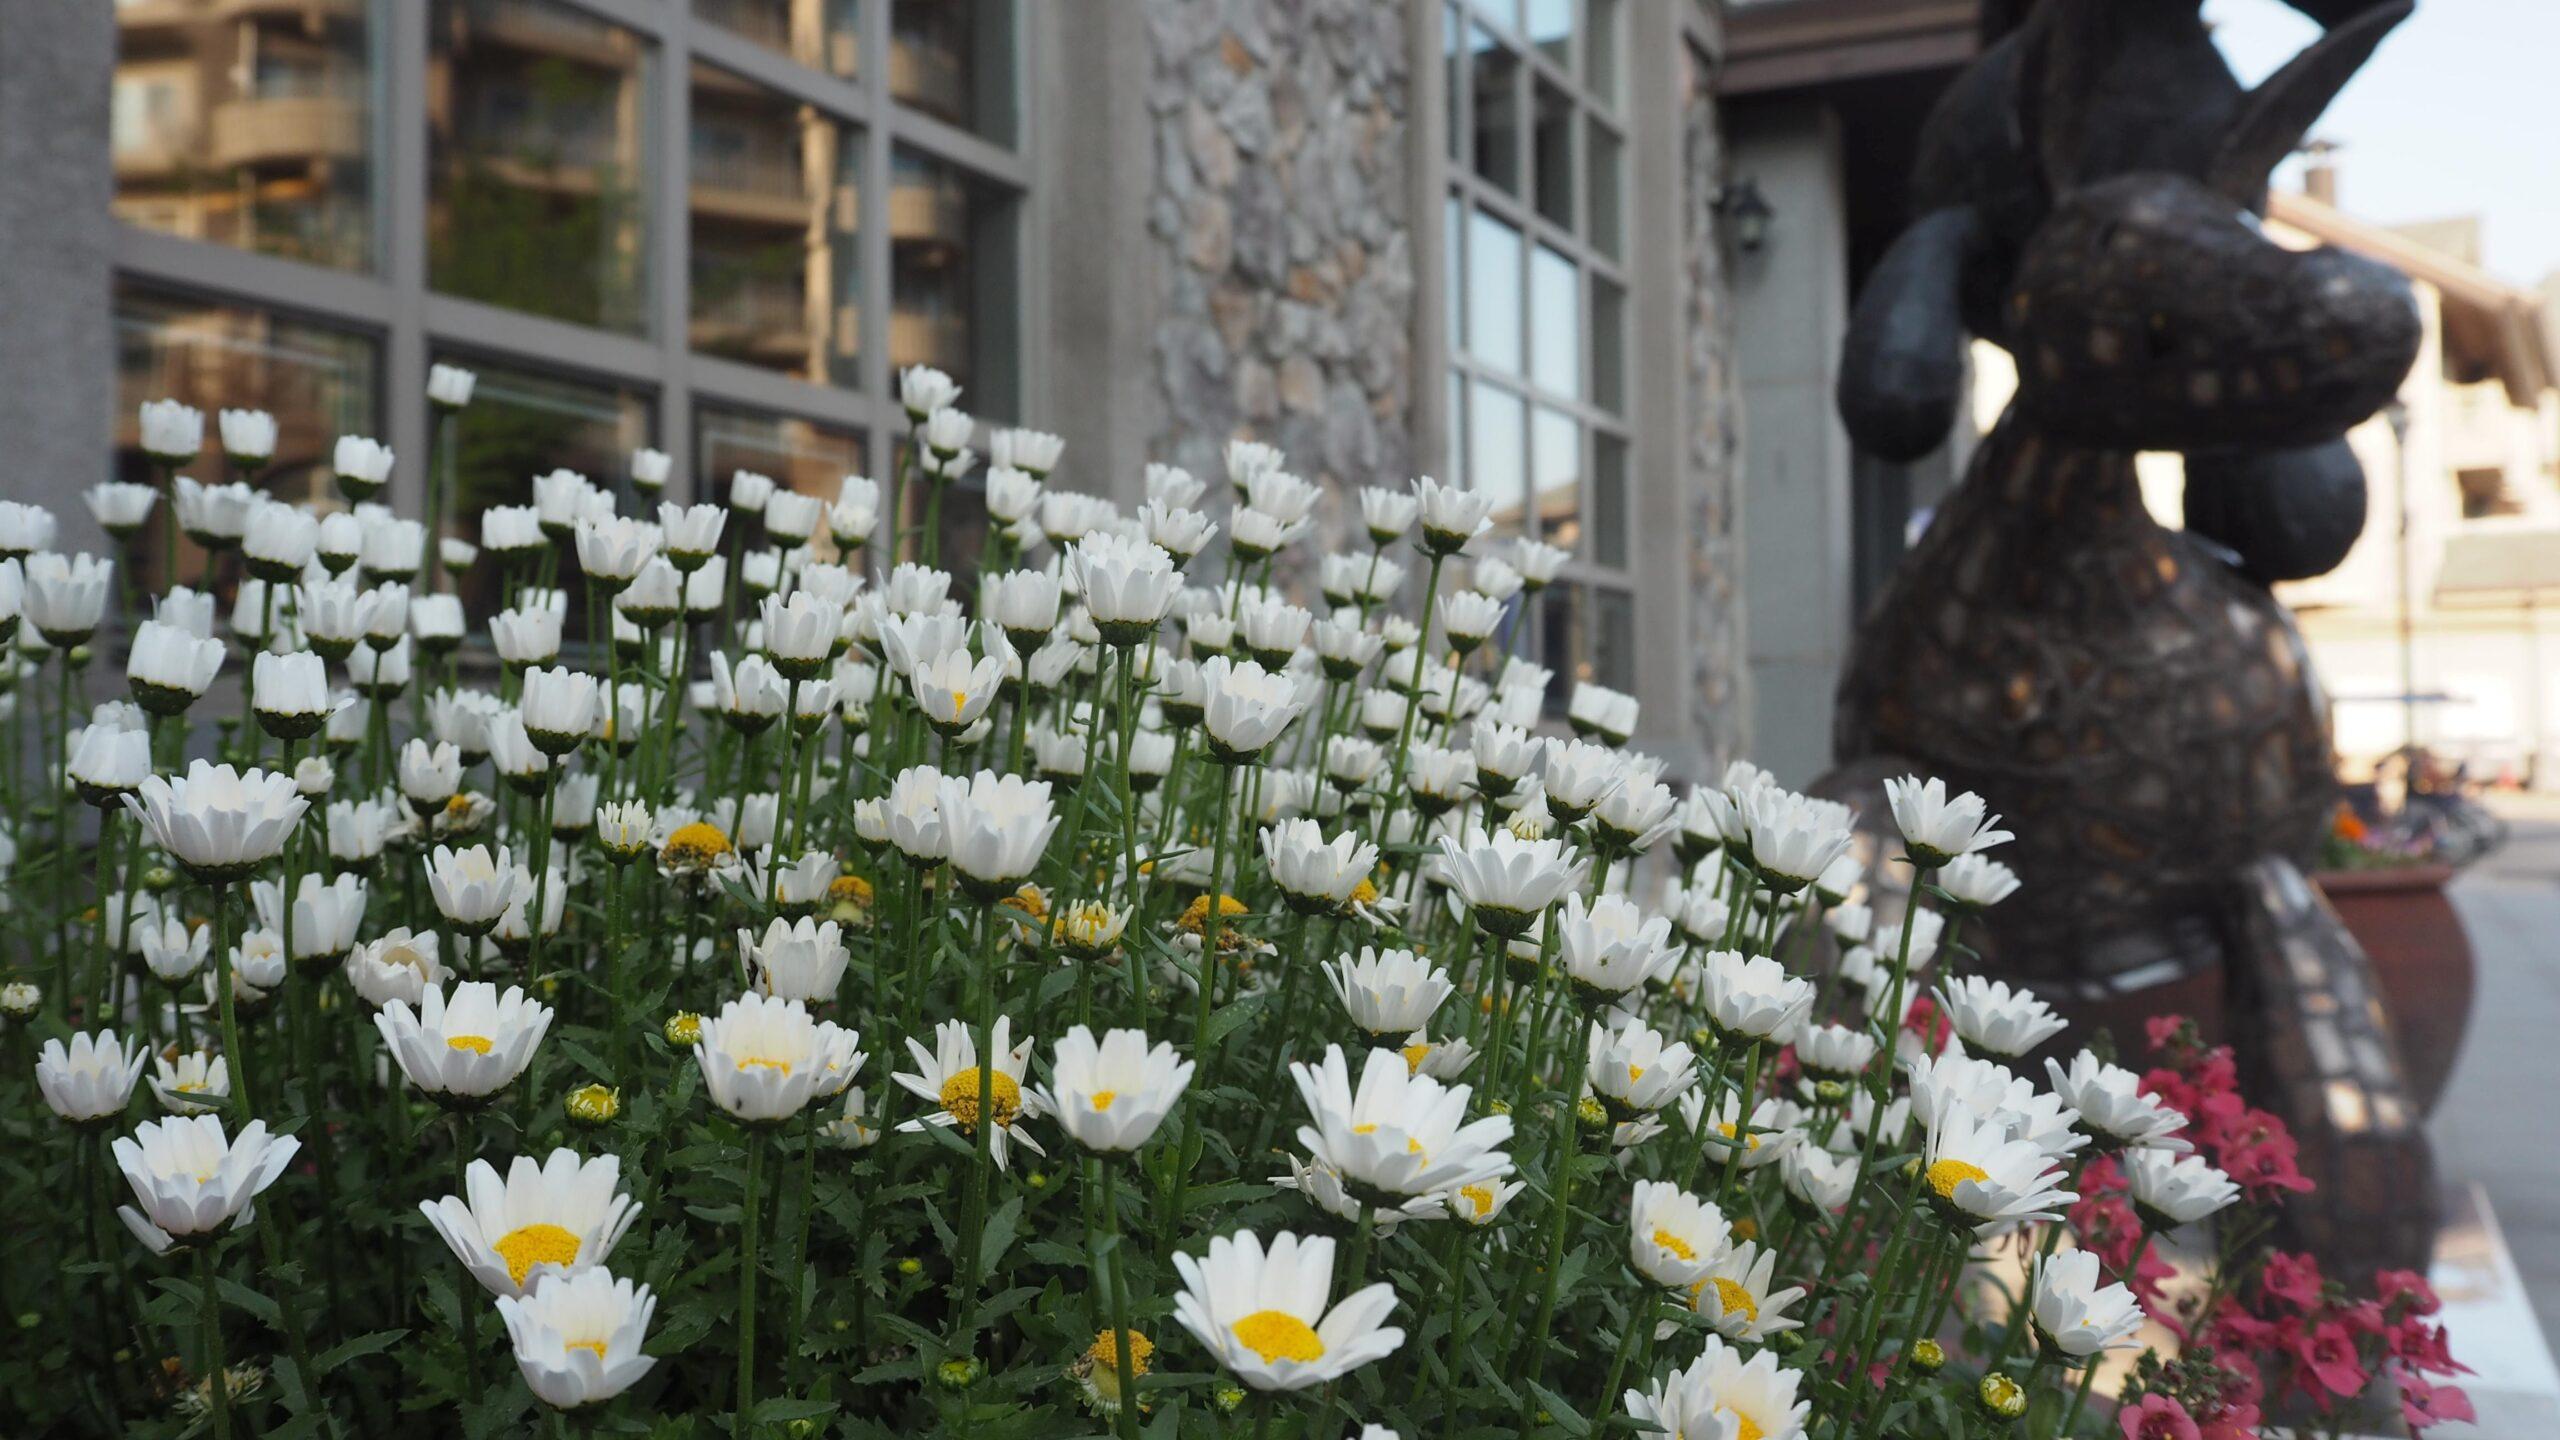 Small white daisy